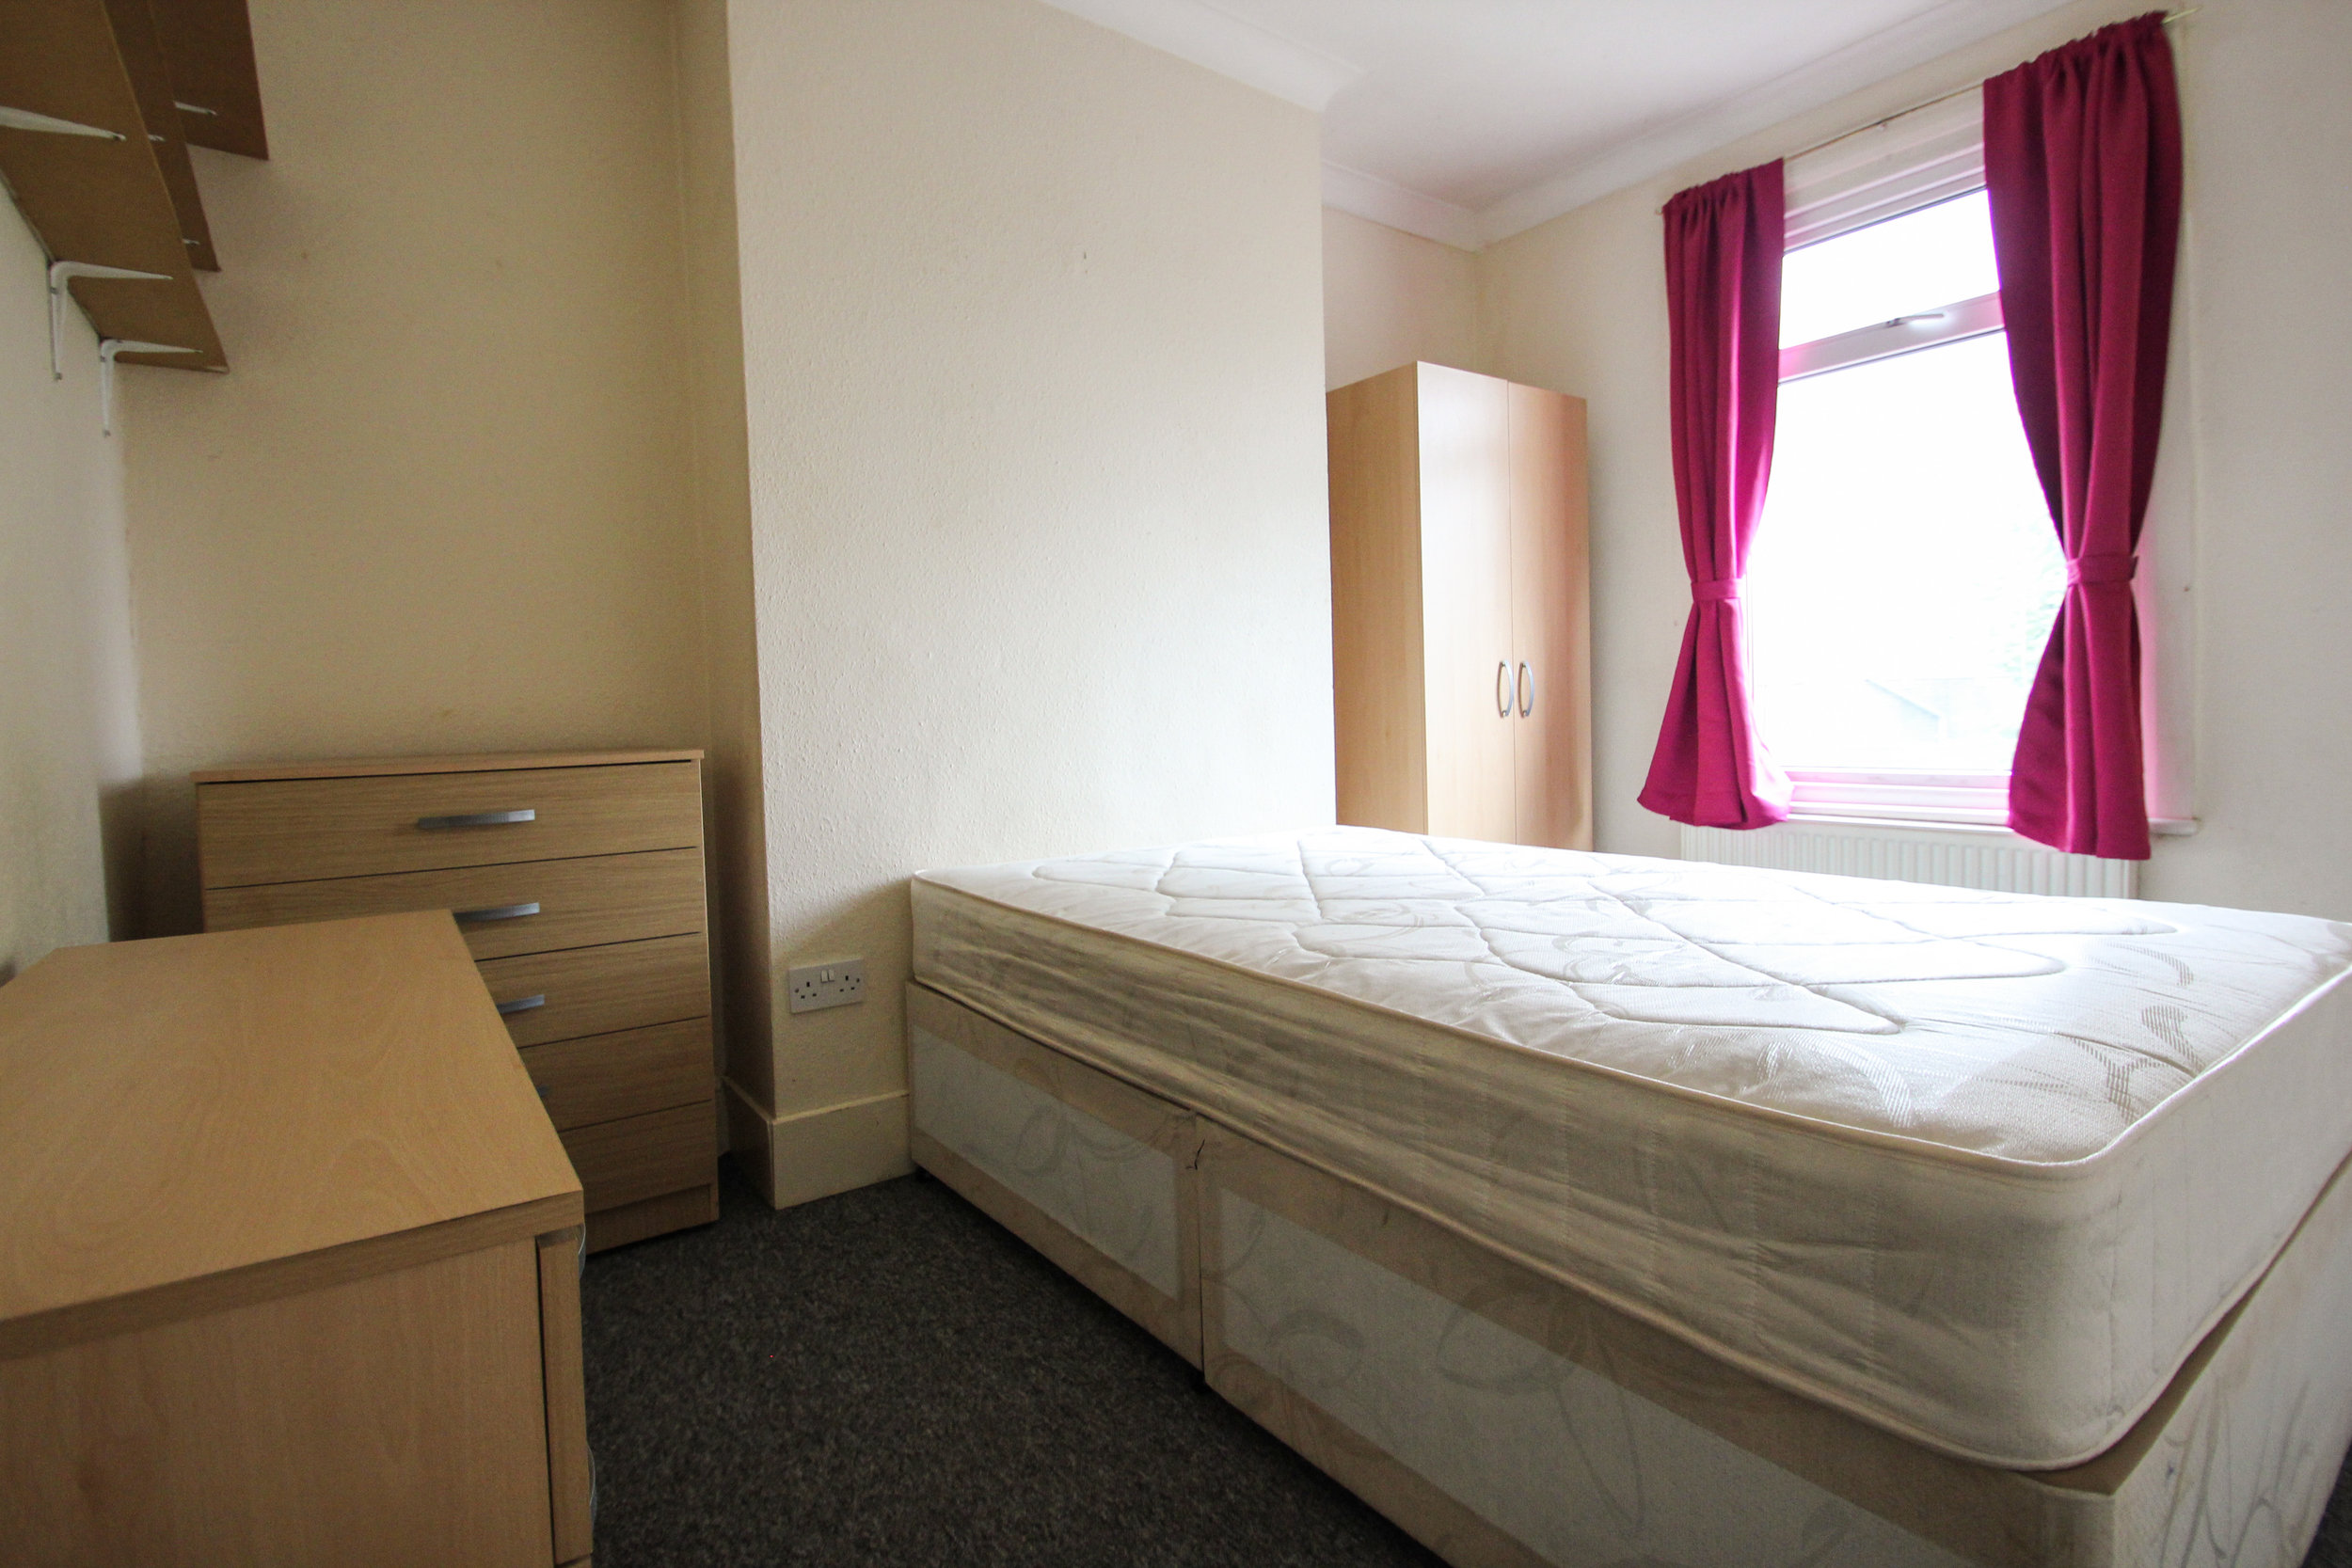 IMG_7334_edited.jpg bedroom 4.jpg